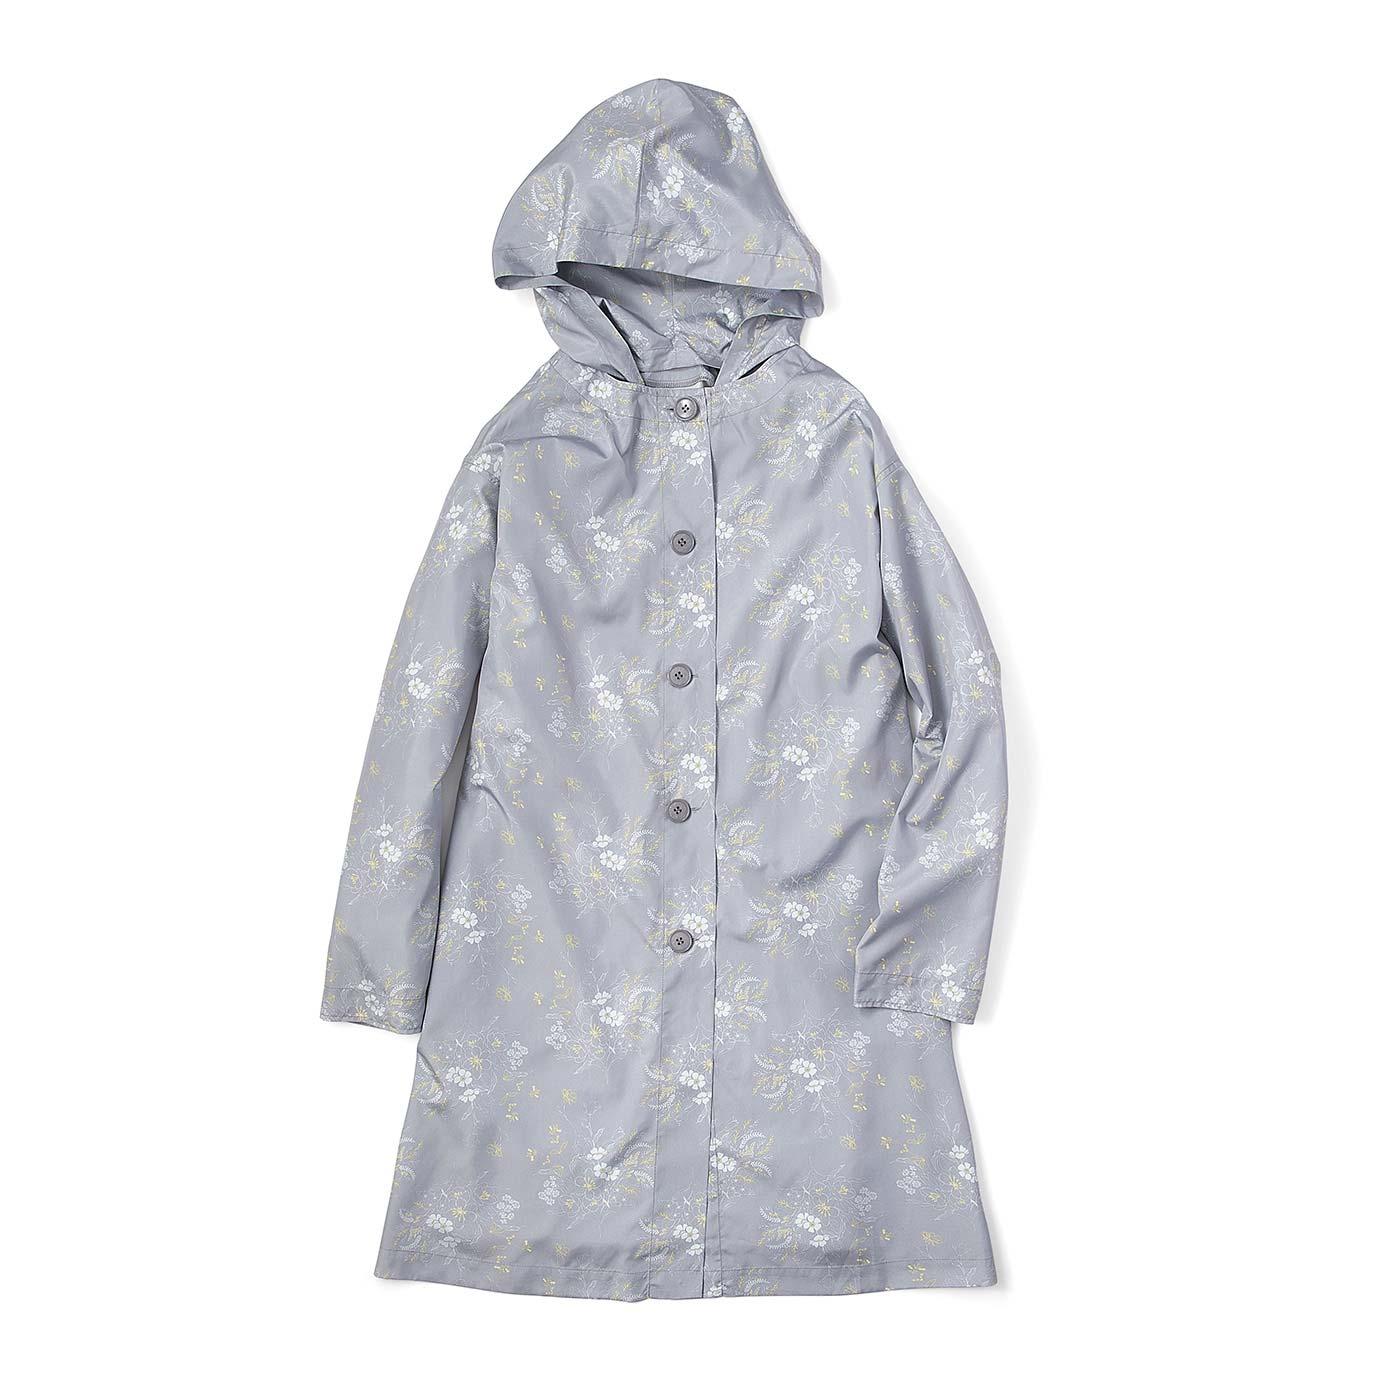 レインコートに見えないカットワークと色柄にこだわったスタイルコート。